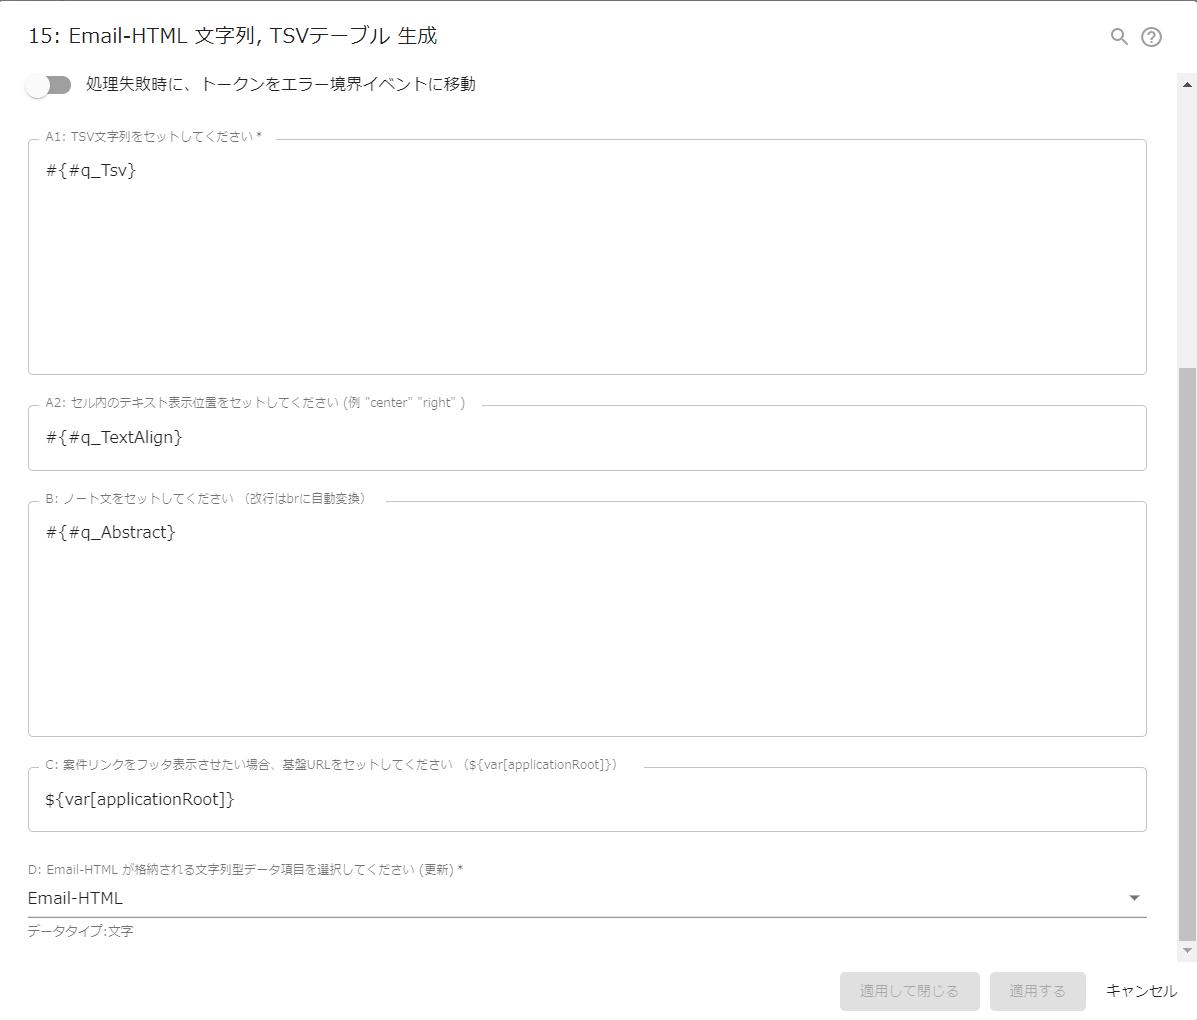 TSV文字列が確認しやすいHTMLコード(HTMLメール用)を組み立てます。TSV文字列の項目数に応じて TableRow (TR) と TableData (TD) を挿入します。ワークフロー内に格納されているTSVデータをHTMLメールで自動通知したい場合に利用されます。